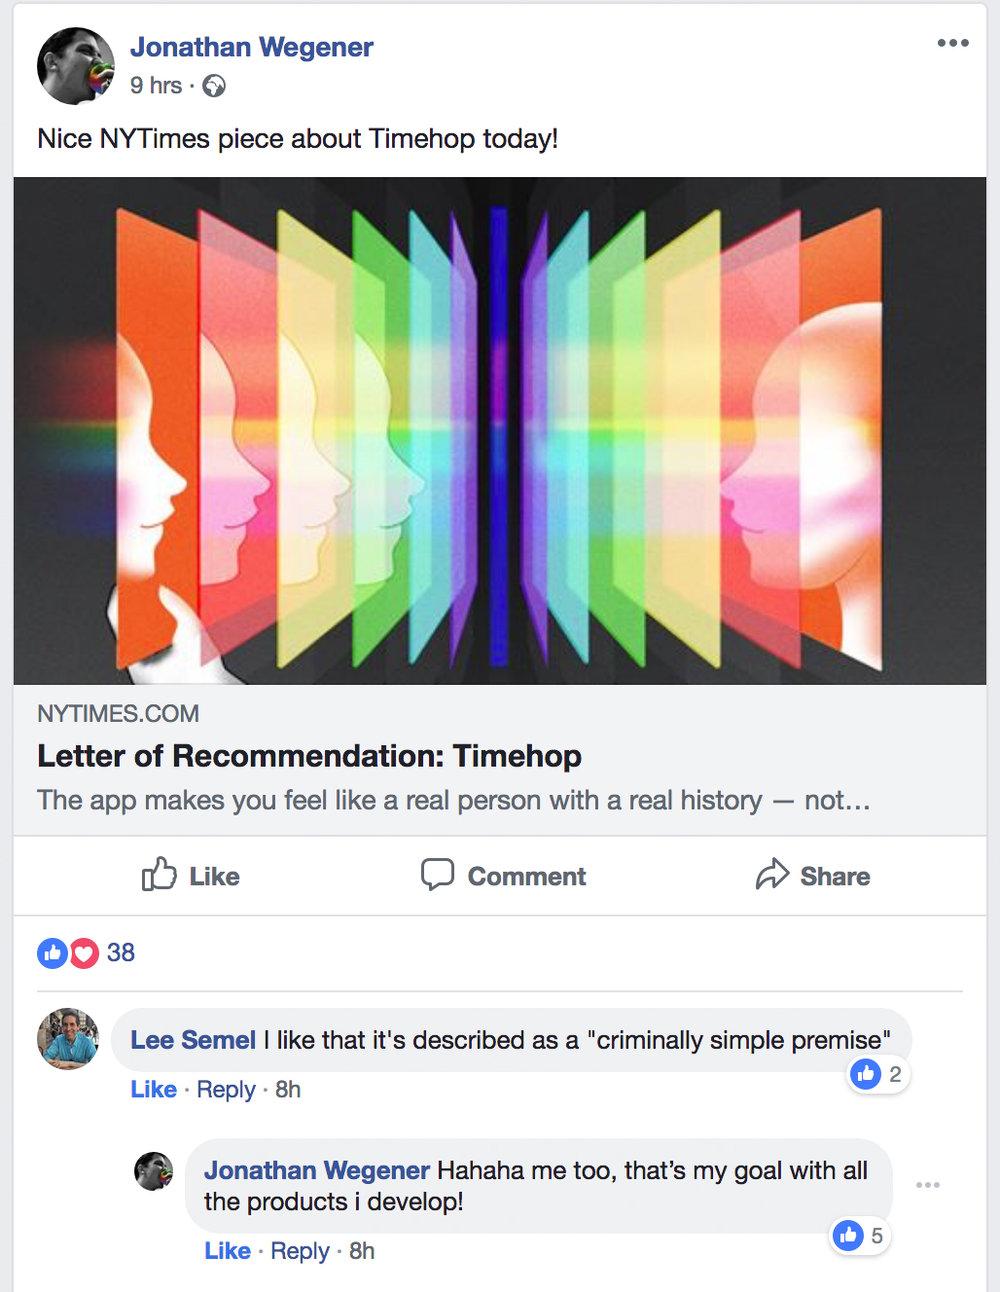 """Lee Semel:  Tetszik, hogy úgy jellemezték, hogy """"kriminálisan egyszerű premisszára"""" épül  Jonathan Wegener:  Hahaha, nekem is, ez a célom minden termékkel amin dolgozom!"""